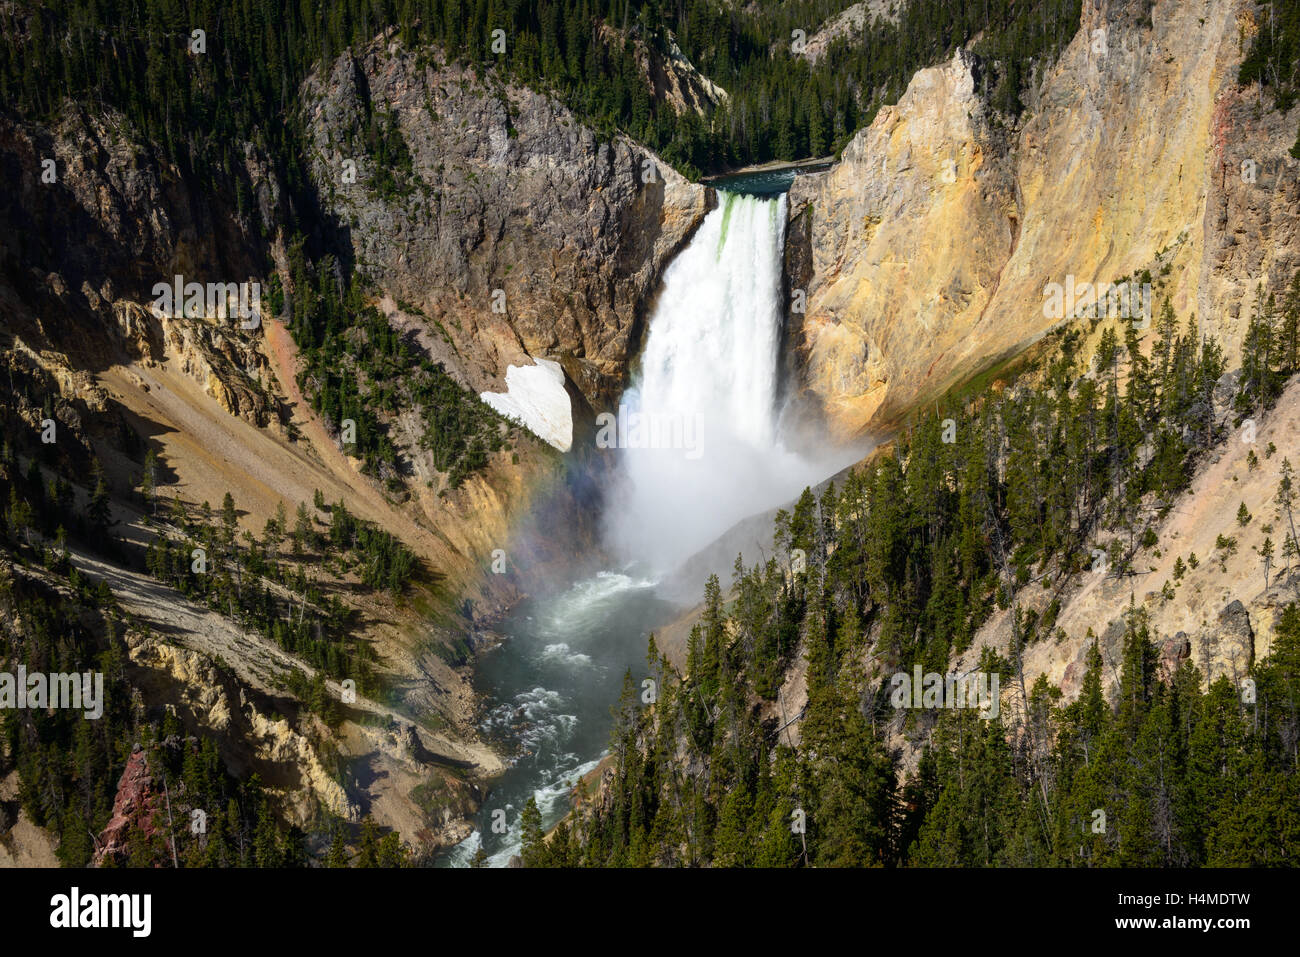 El Parque Nacional de Yellowstone. Foto de stock